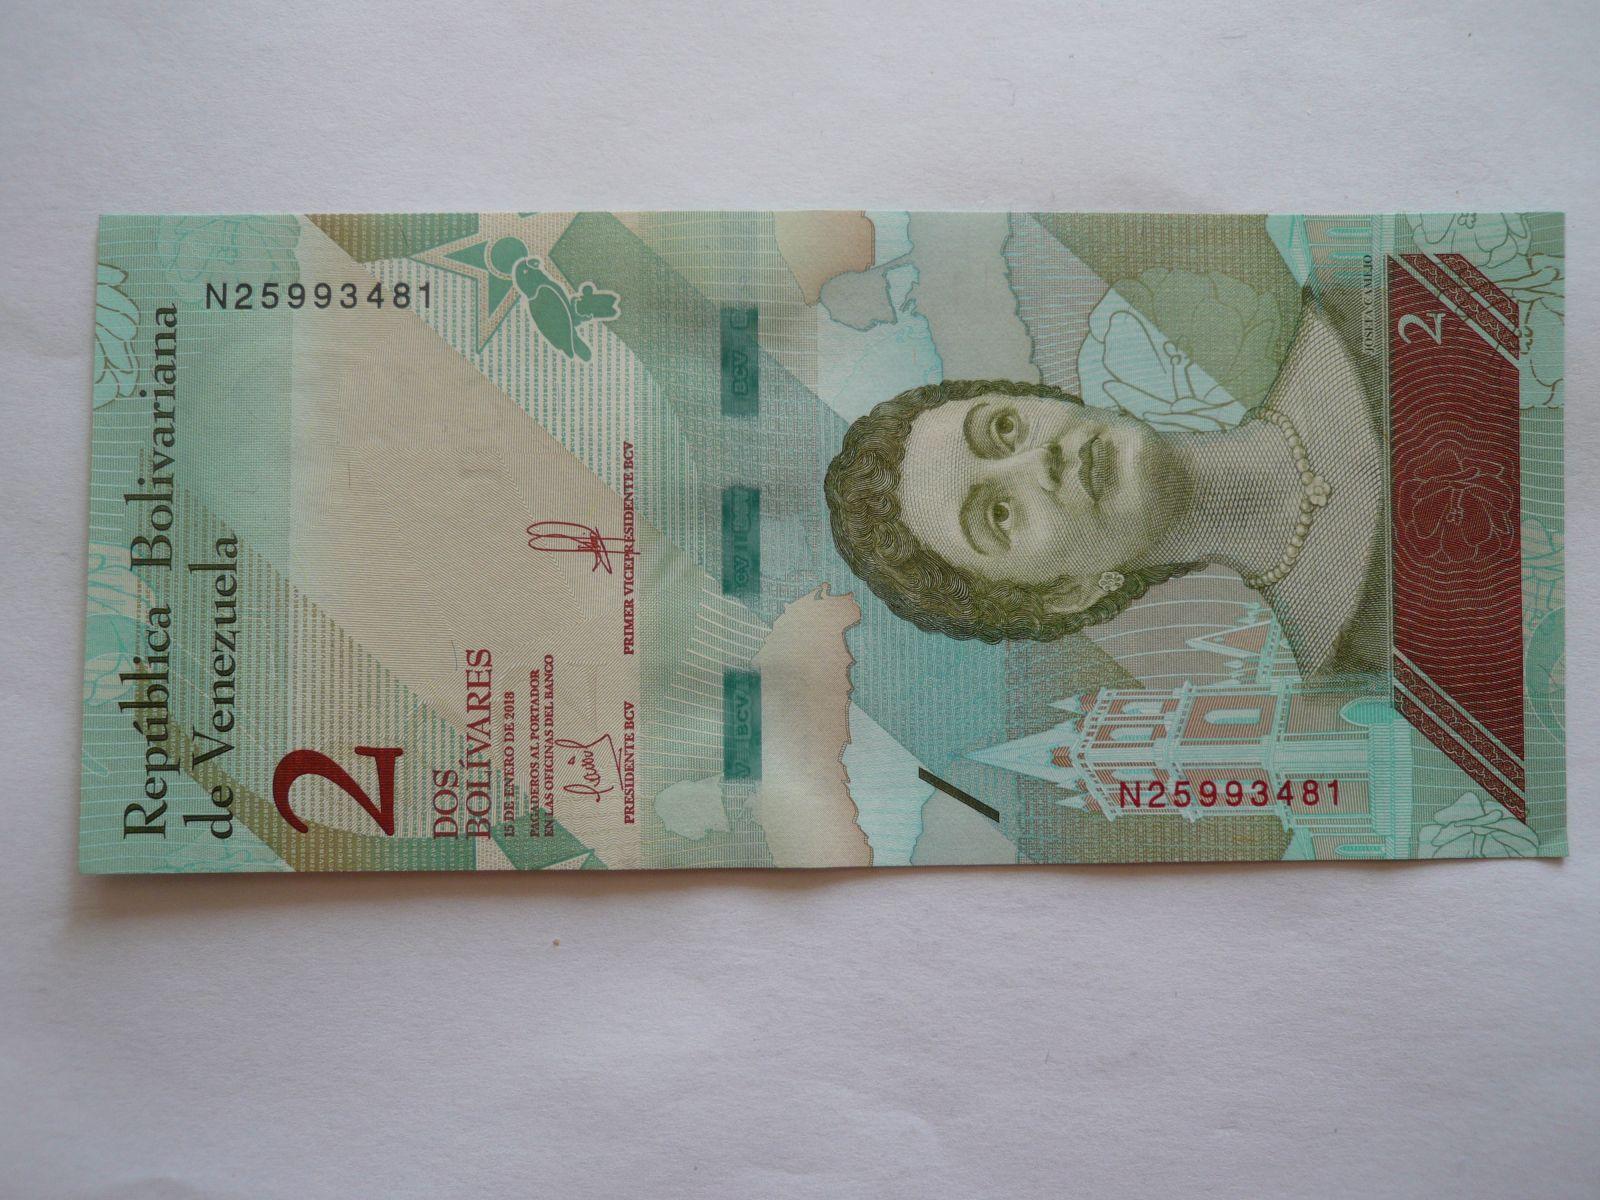 2 Bolivares, 2018 Venezuela